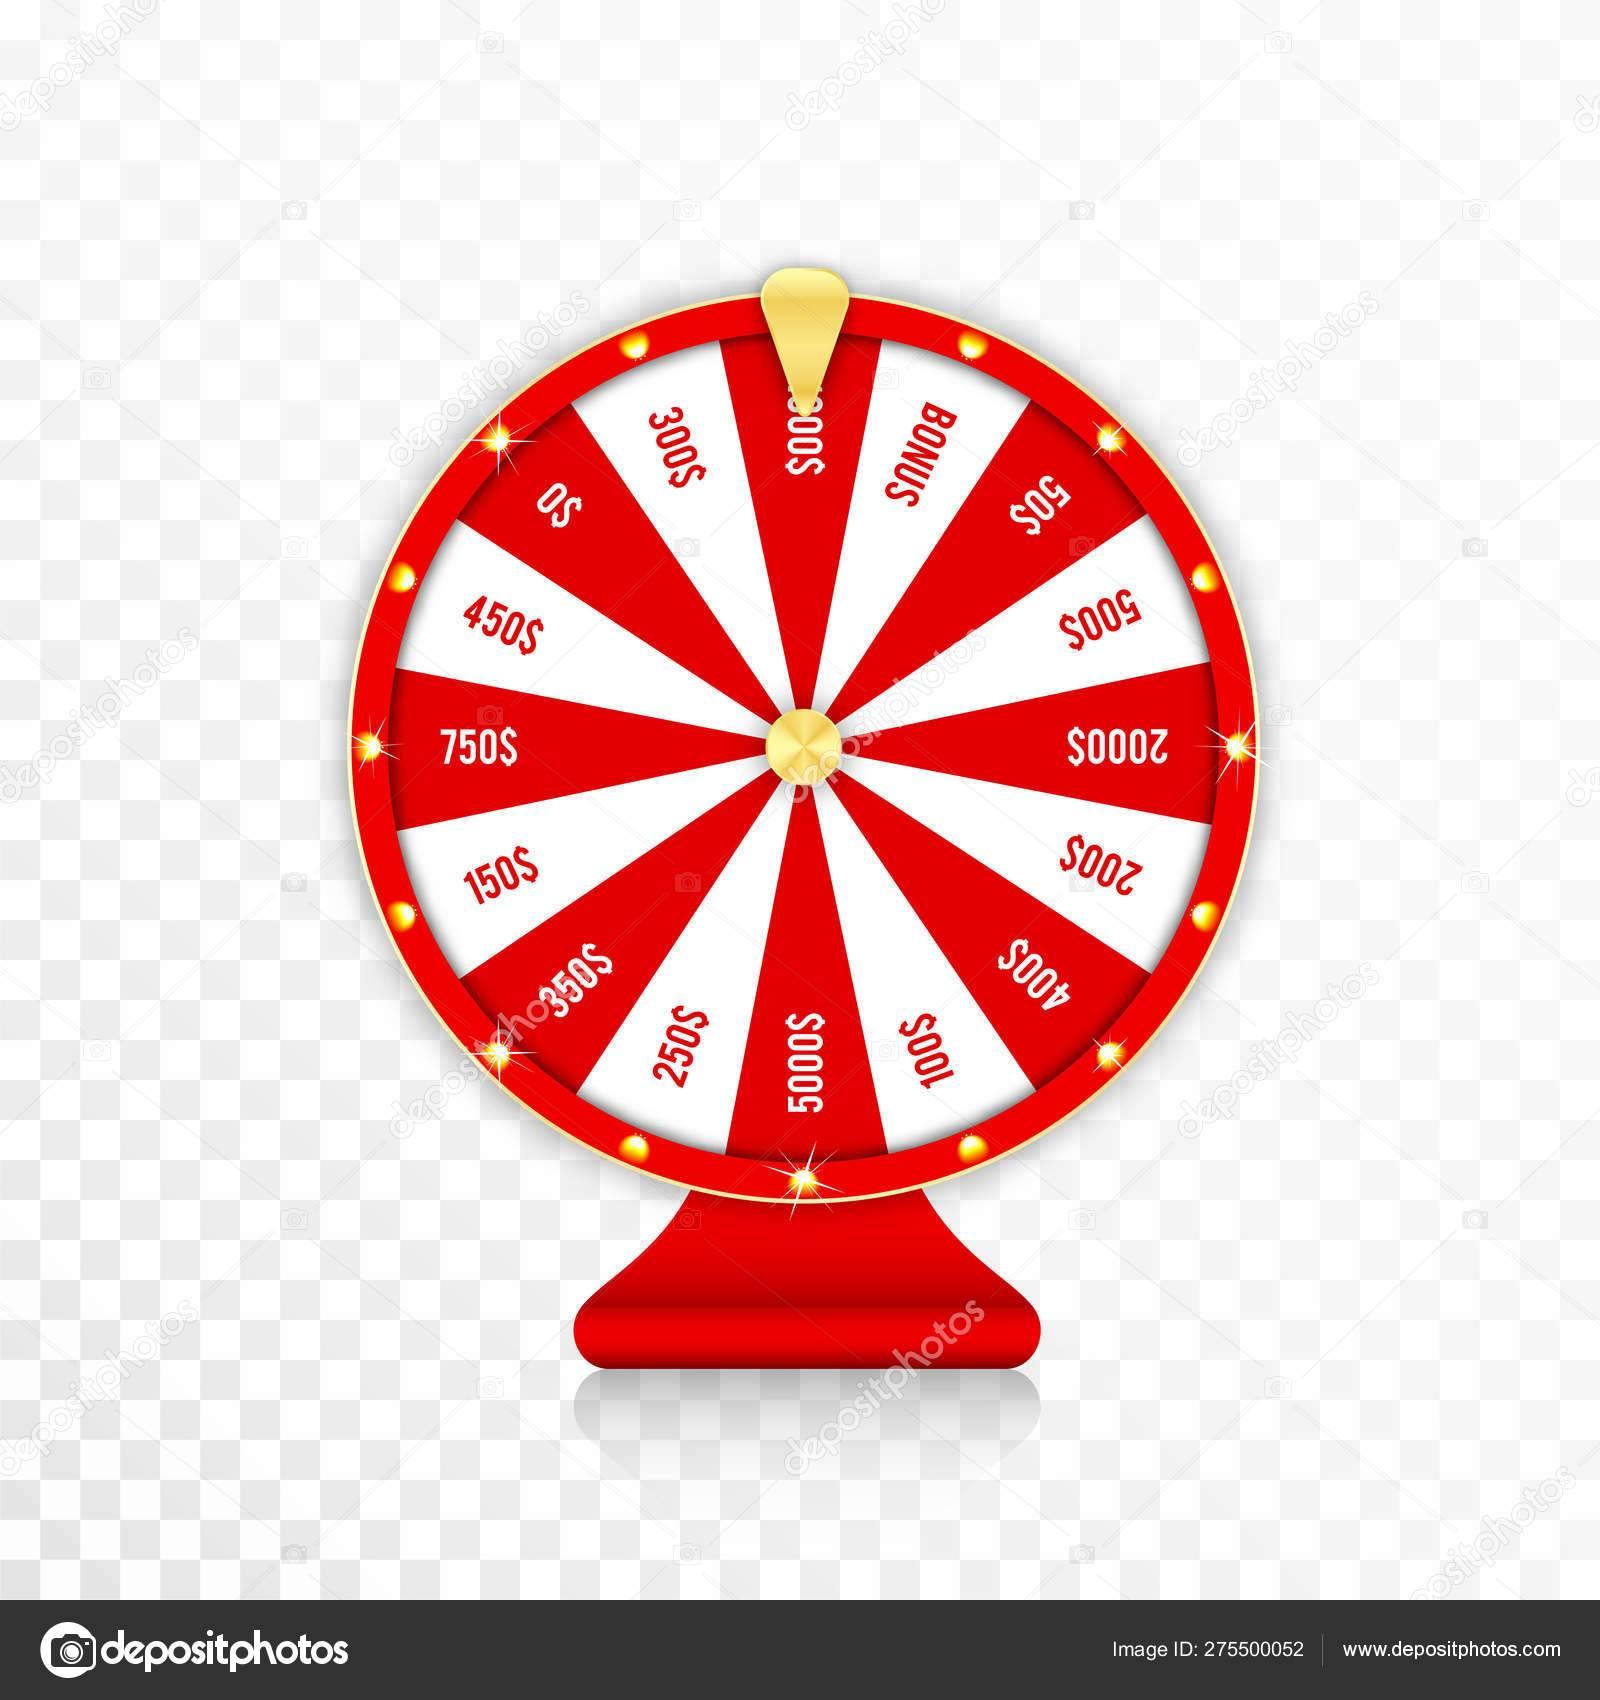 Колесо фортуны онлайн - крути и получай деньги! wheel of fortune